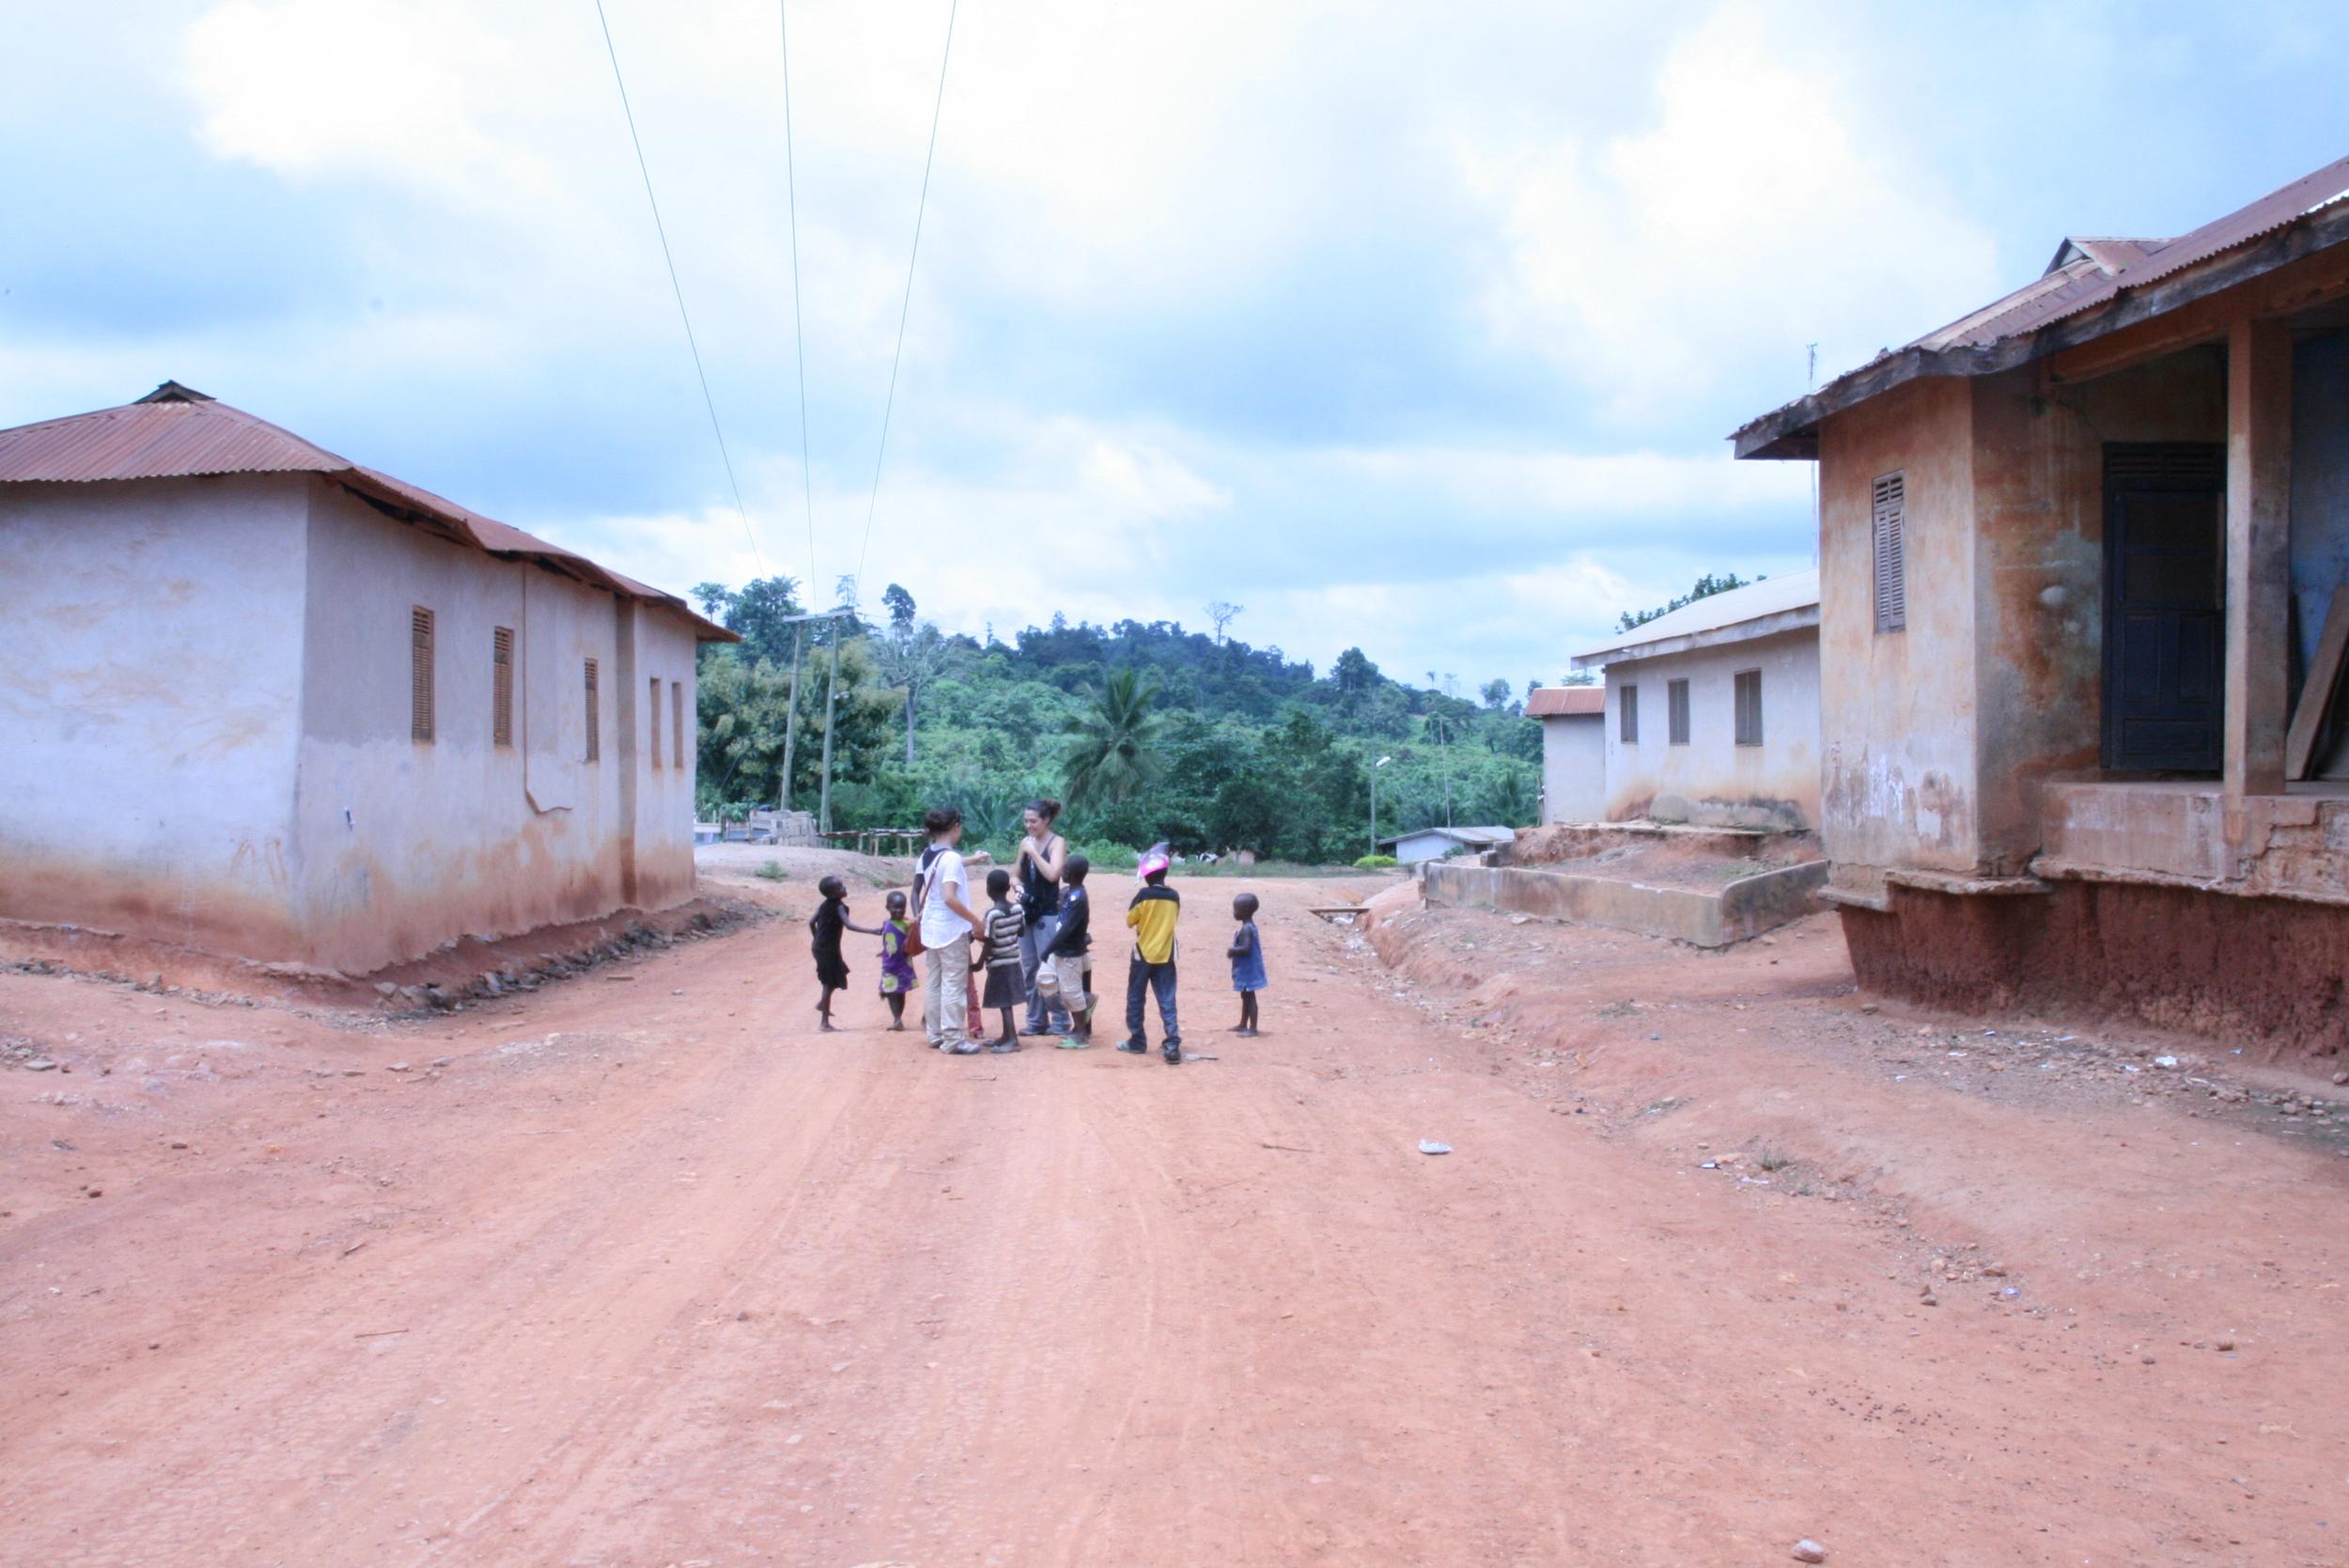 La strada principale del villaggio di Abetenim, Ghana.